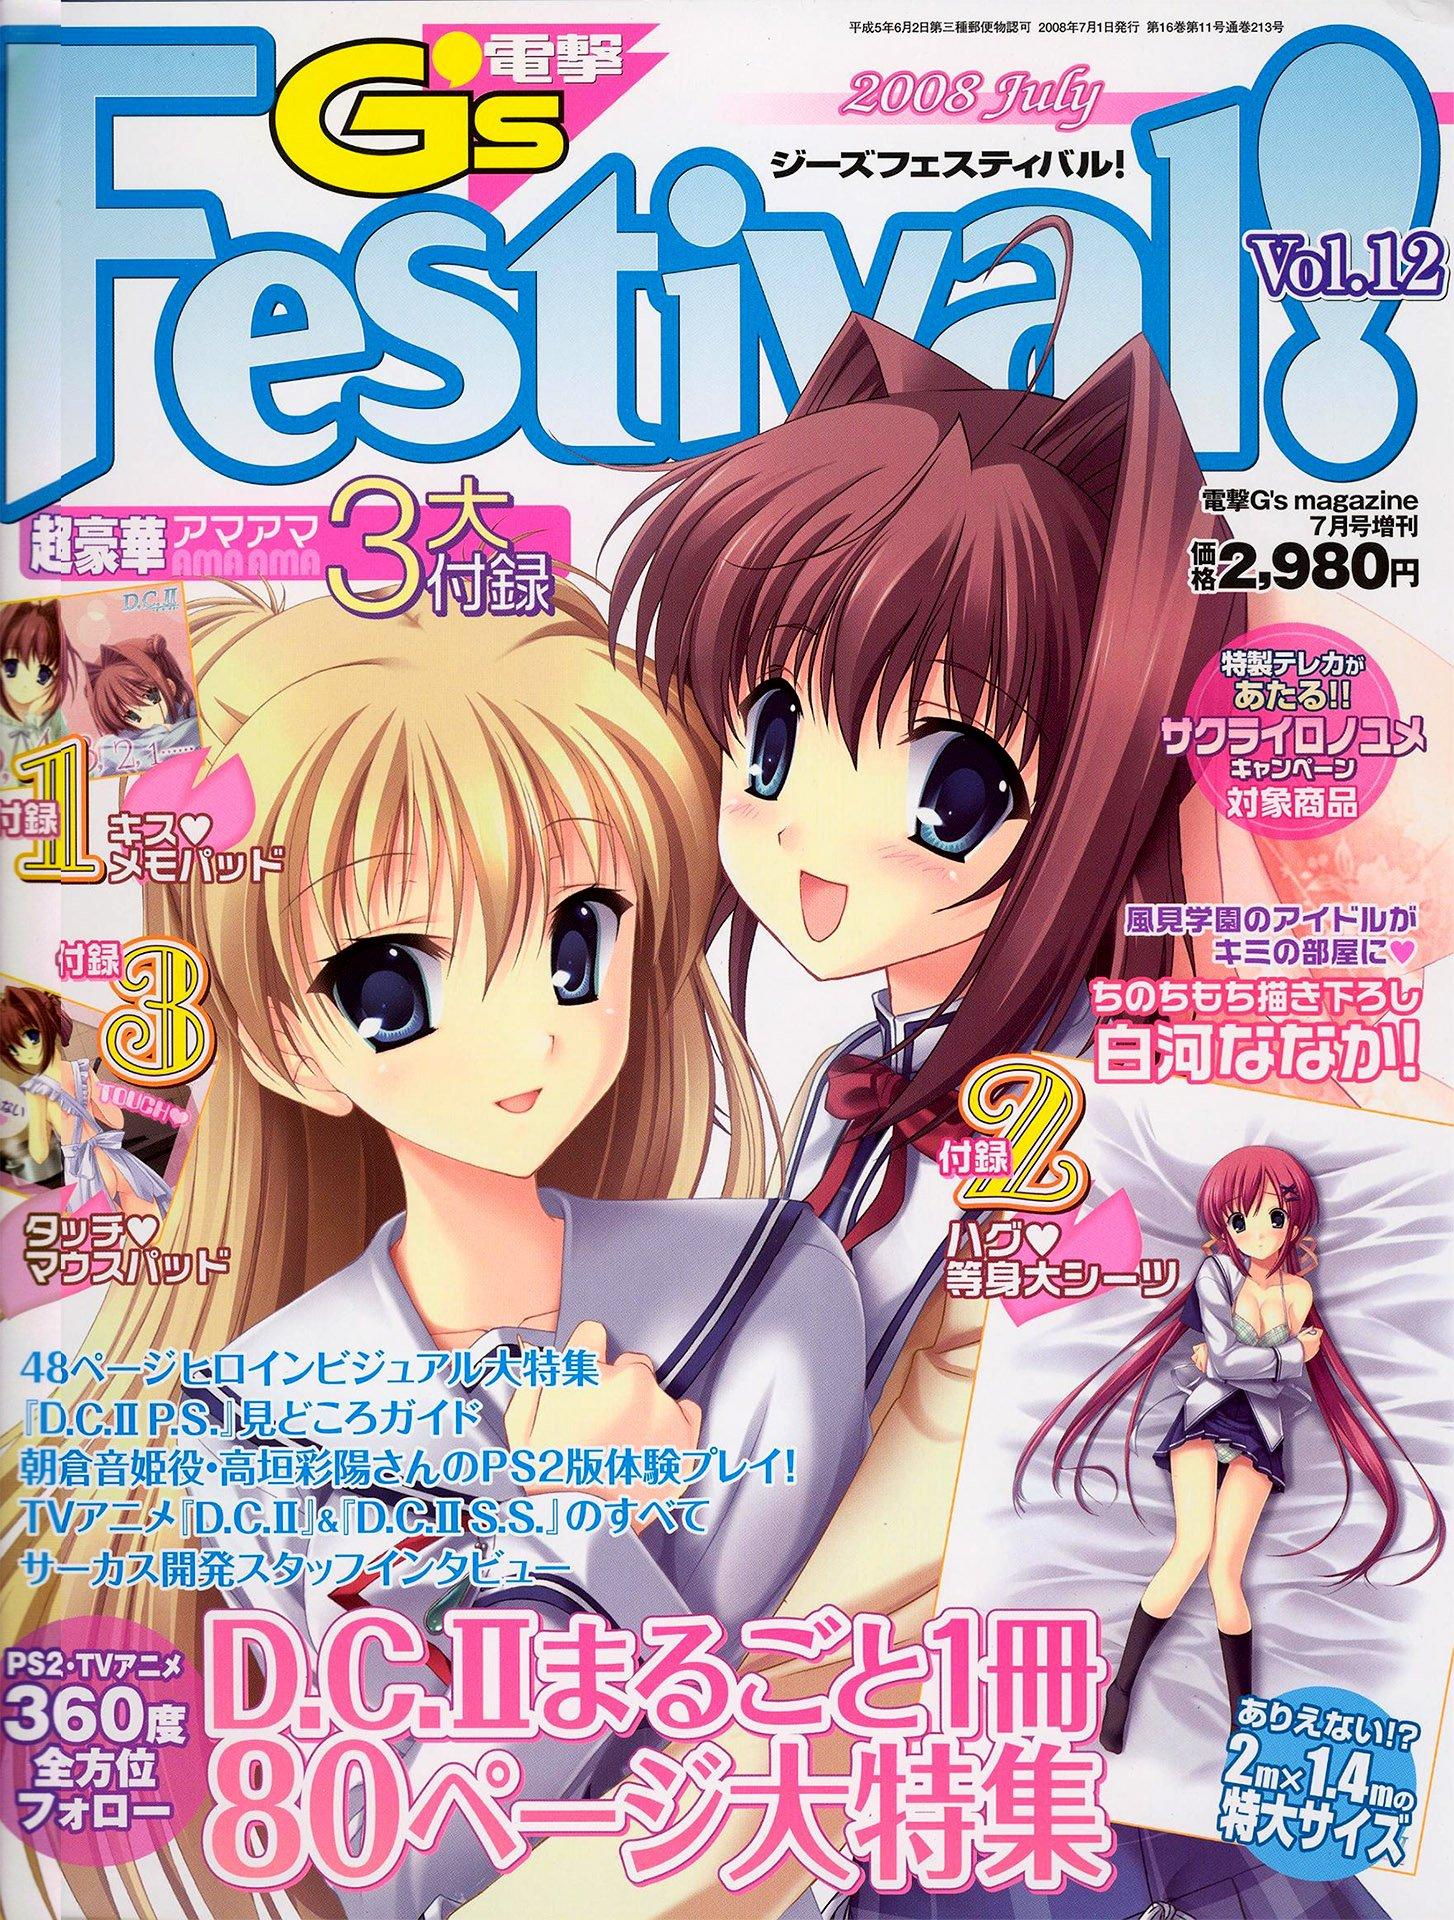 Dengeki G's Festival! vol.12 (July 2008)